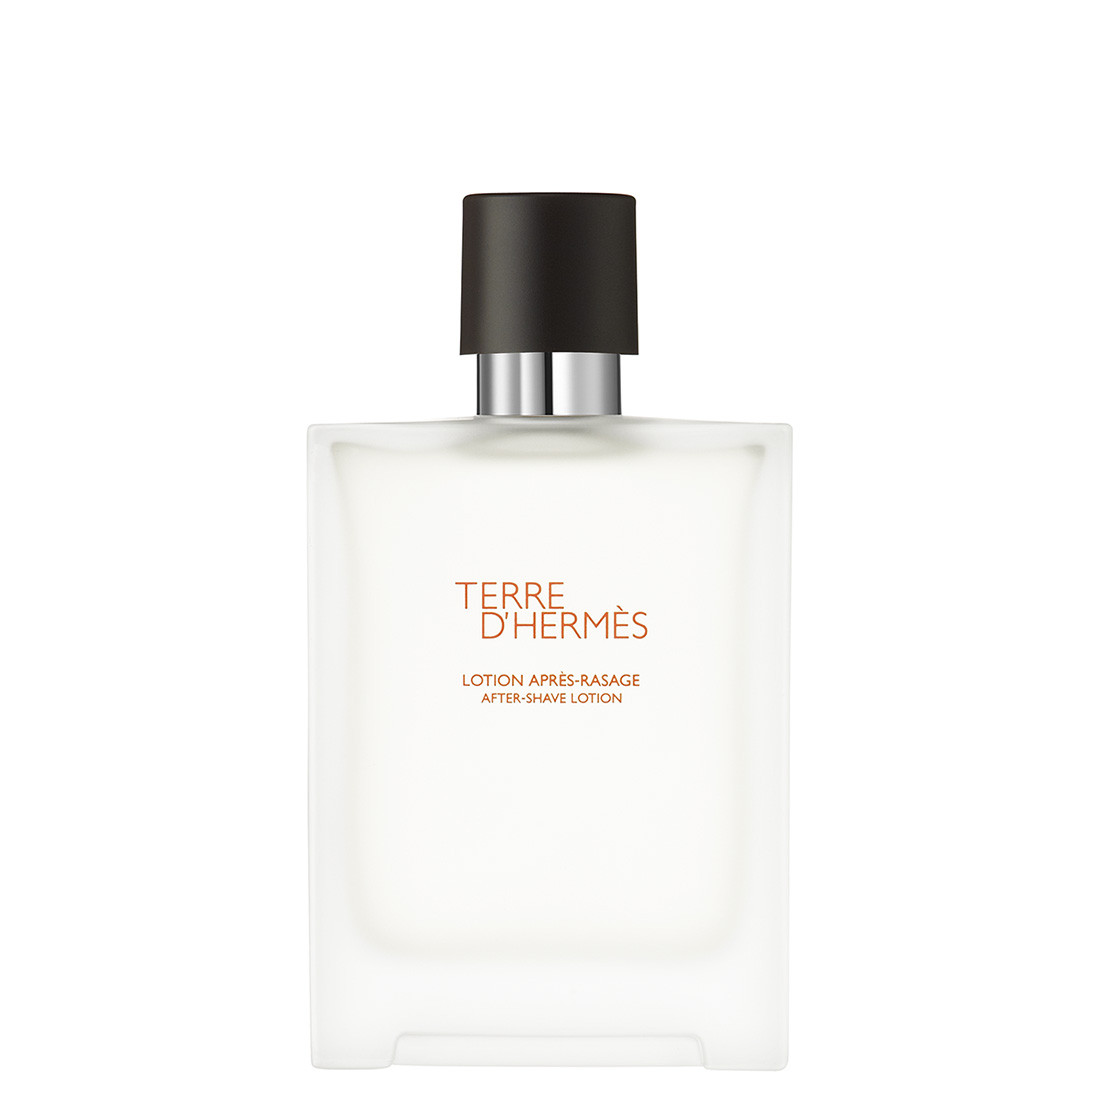 HERMÈS - Terre d'Hermès After-Shave Lotion - 100 ml